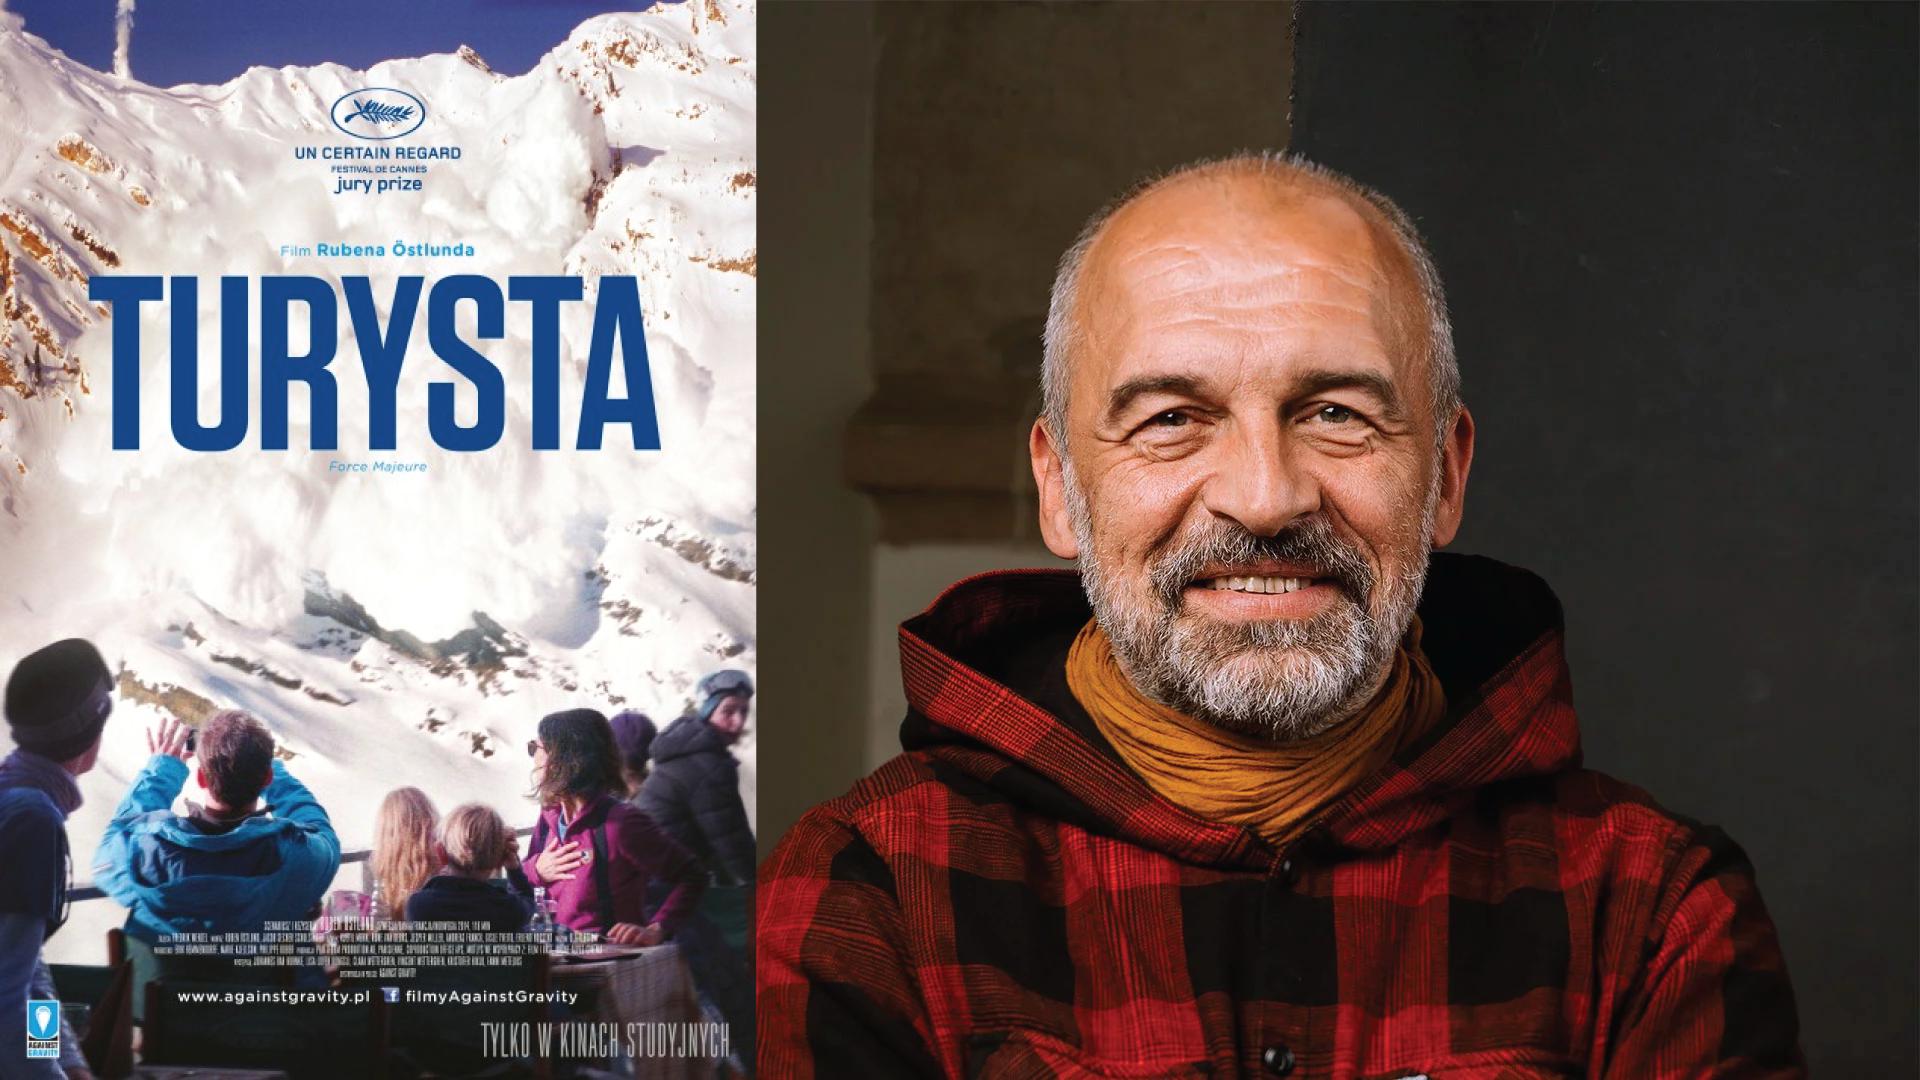 Po lewej plakat filmu Turysta. Po prawej Andrzej Horyza.